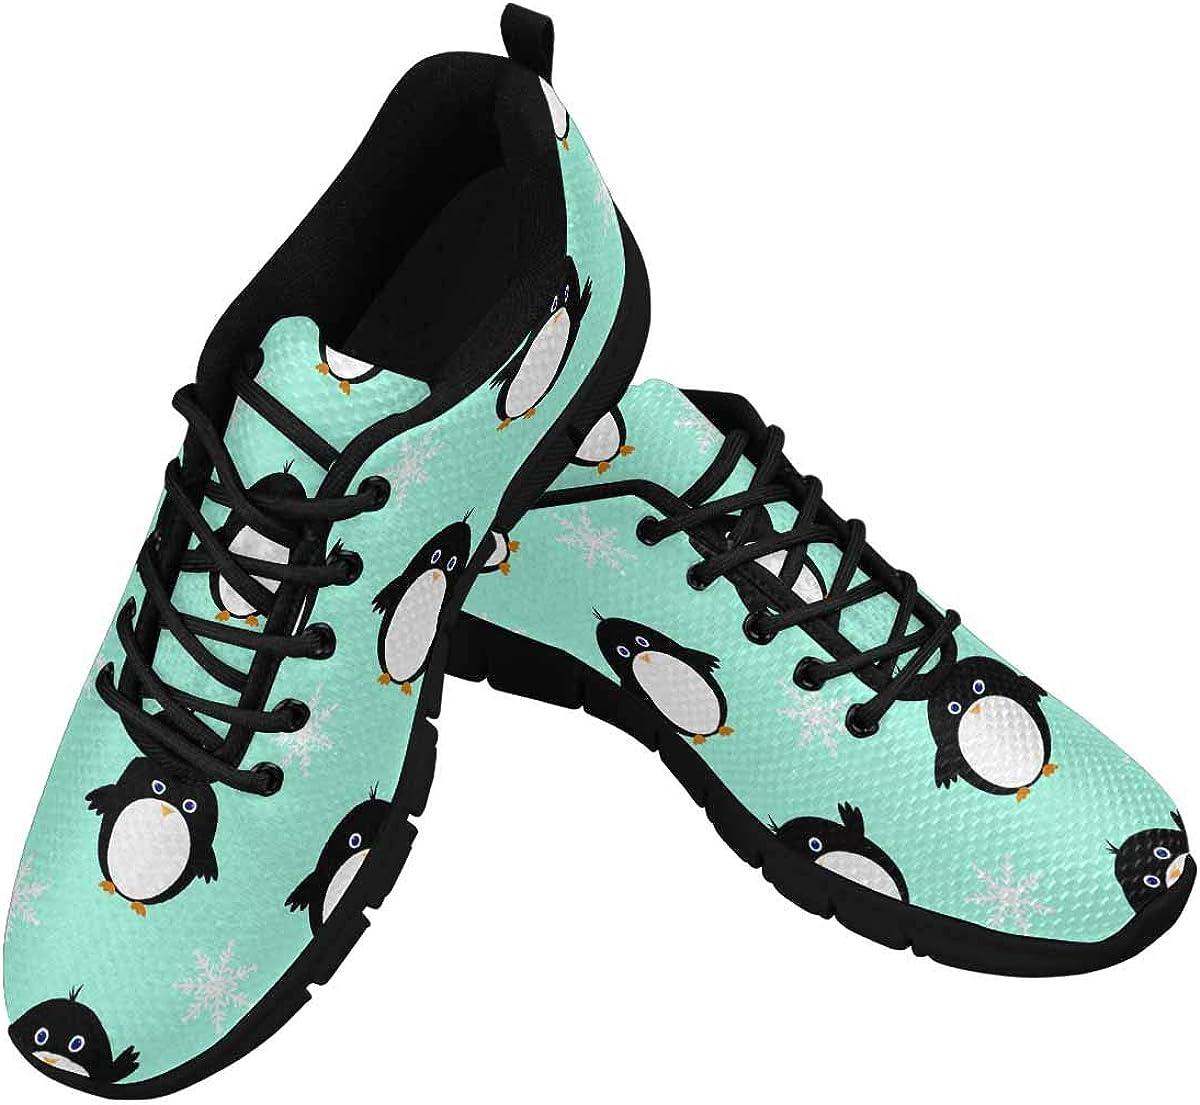 InterestPrint Cartoon Penguins Women's Walking Shoes Lightweight Casual Running Sneakers